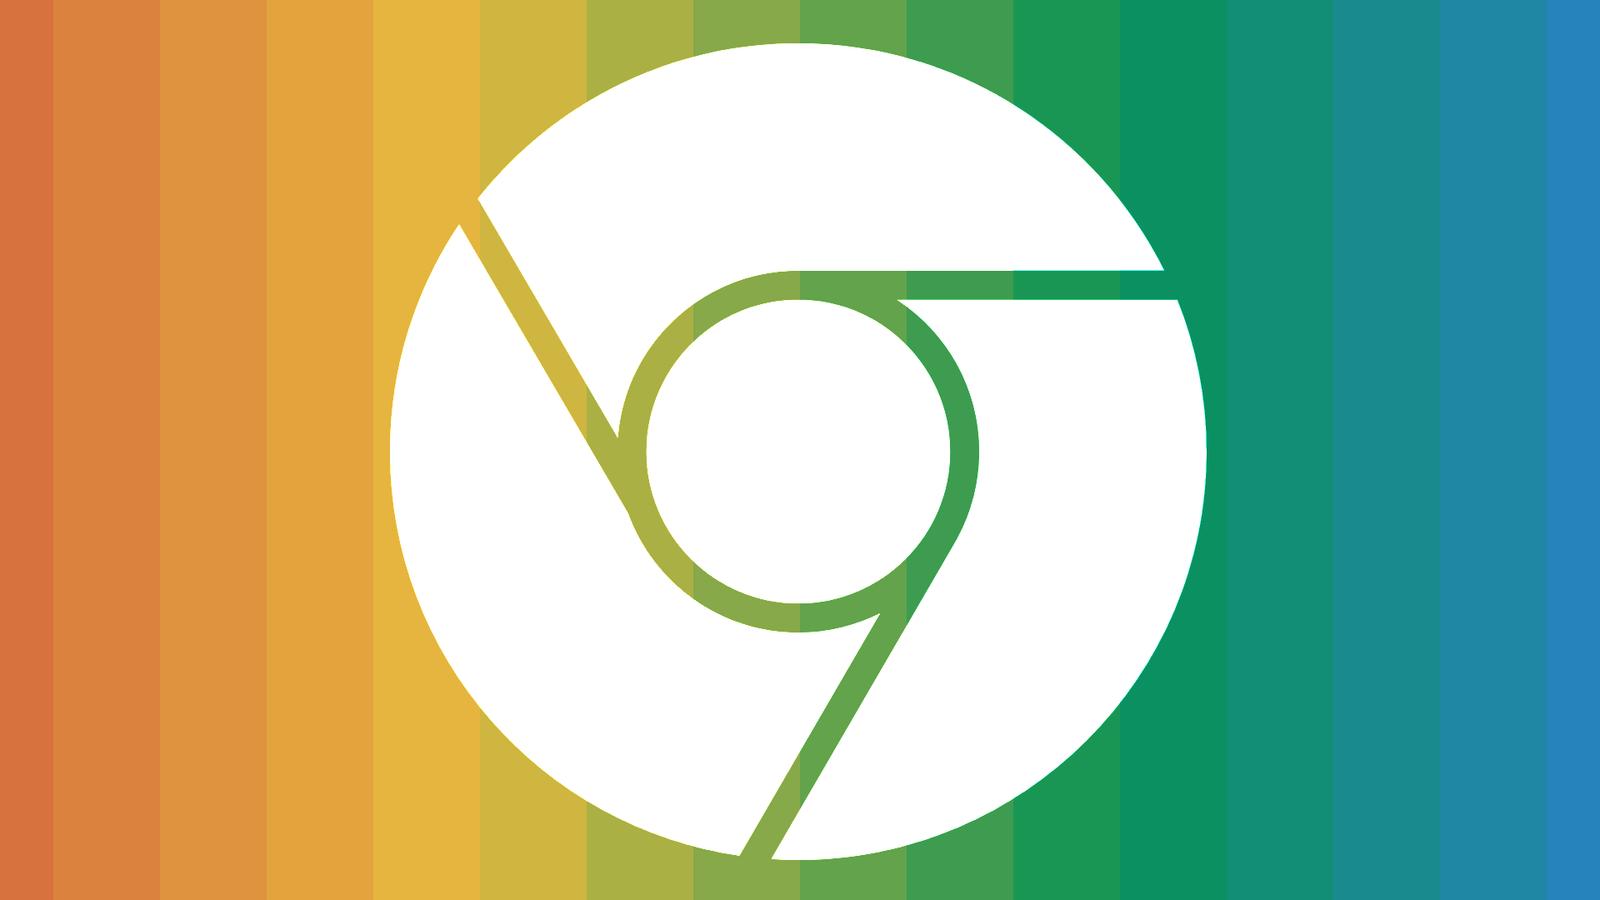 Chrome 62 bude ještě přísnější. Za nezabezpečené označí všechny weby obsahují formulář